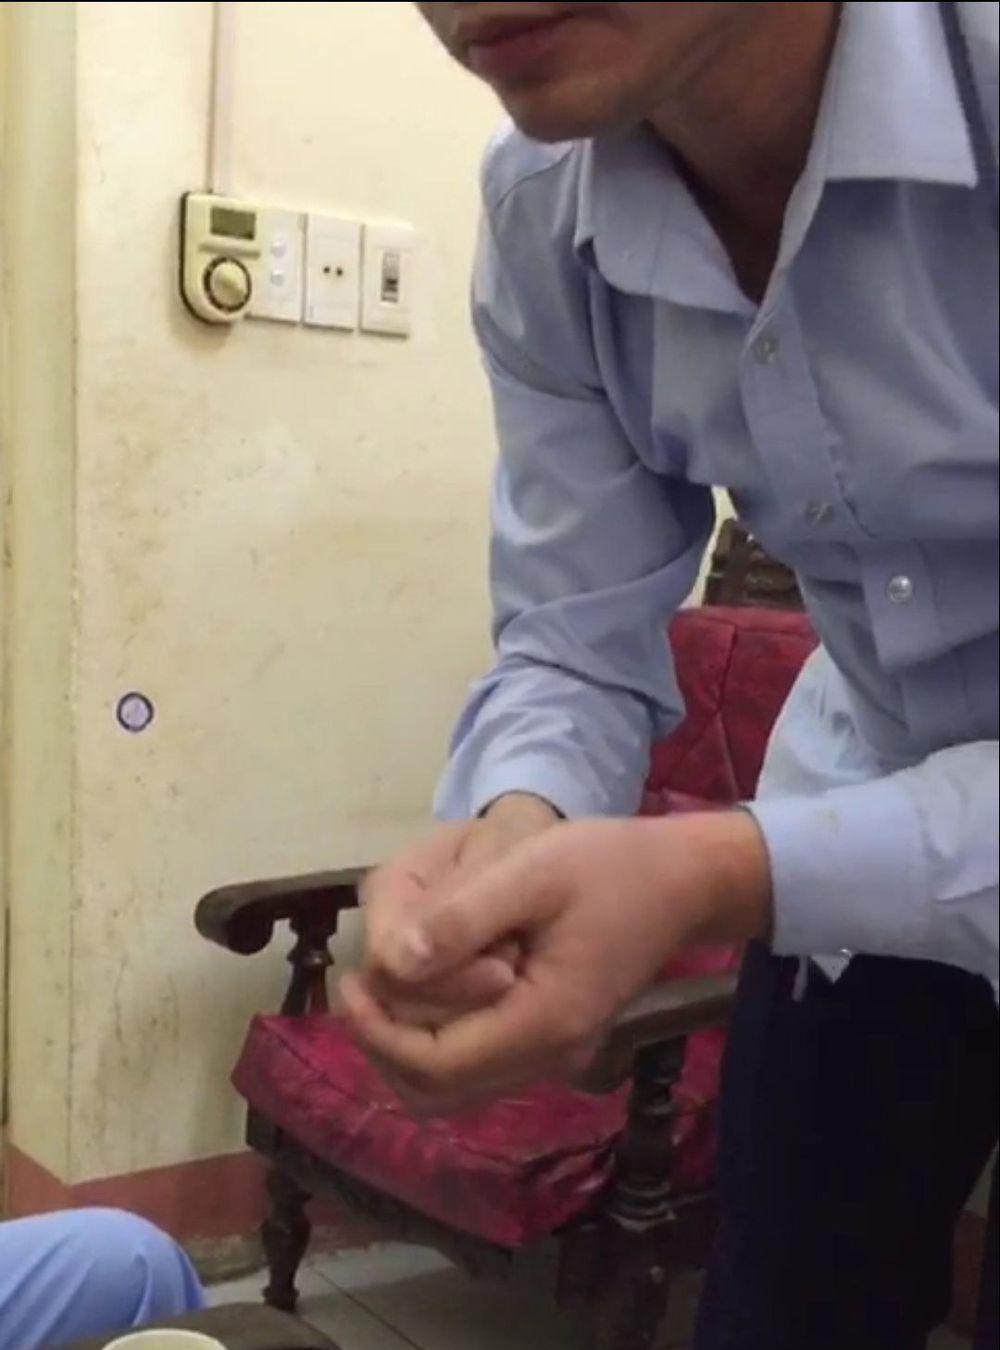 Bác sĩ ở Thái Nguyên bị tố chốt cửa, sàm sỡ thiếu nữ 16 tuổi ngay trong phòng bệnh - Ảnh 1.